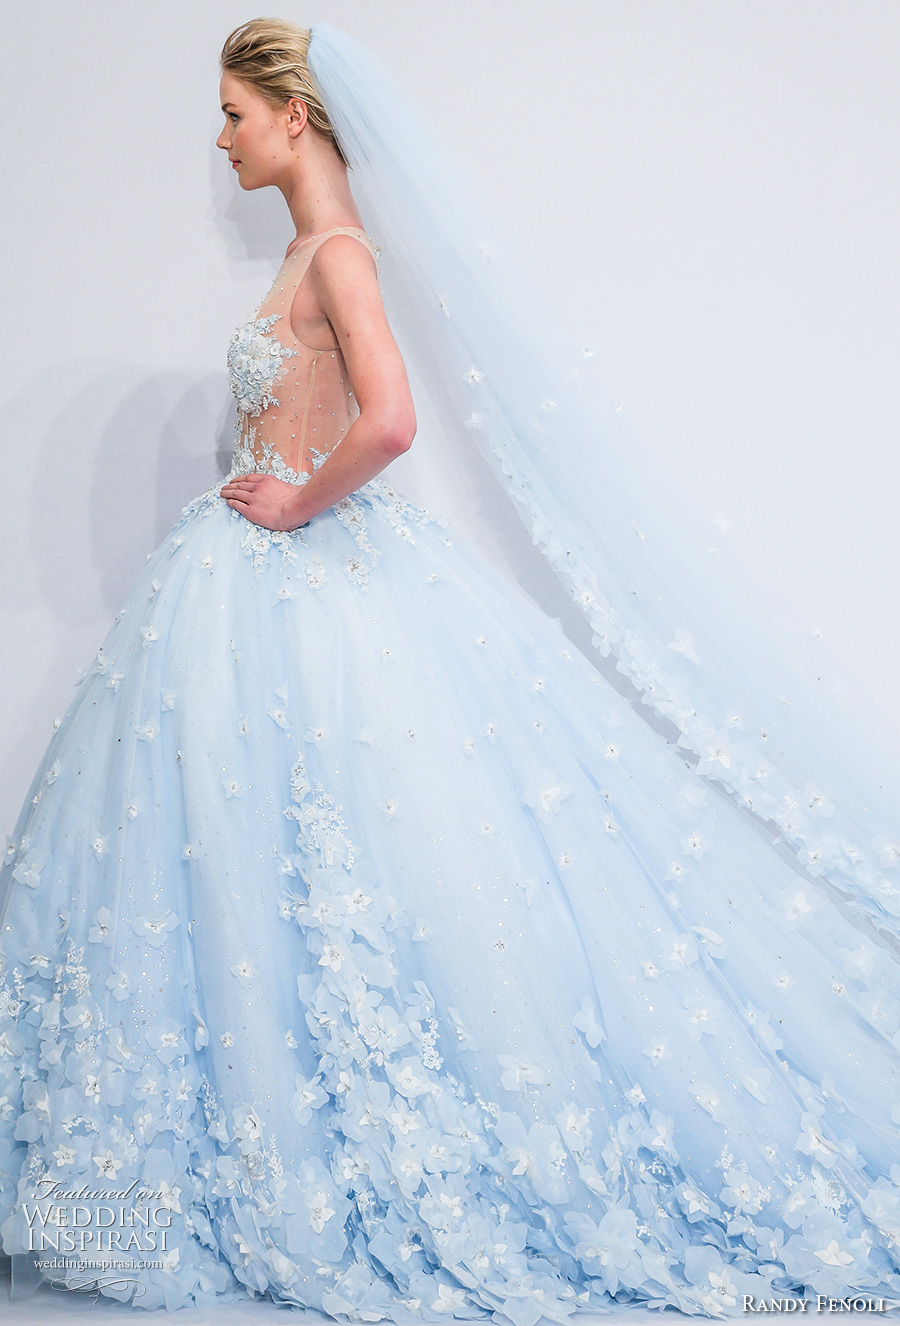 Randy Fenoli Wedding Dresses.Randy Fenoli Bridal Spring 2018 Wedding Dresses New York Bridal